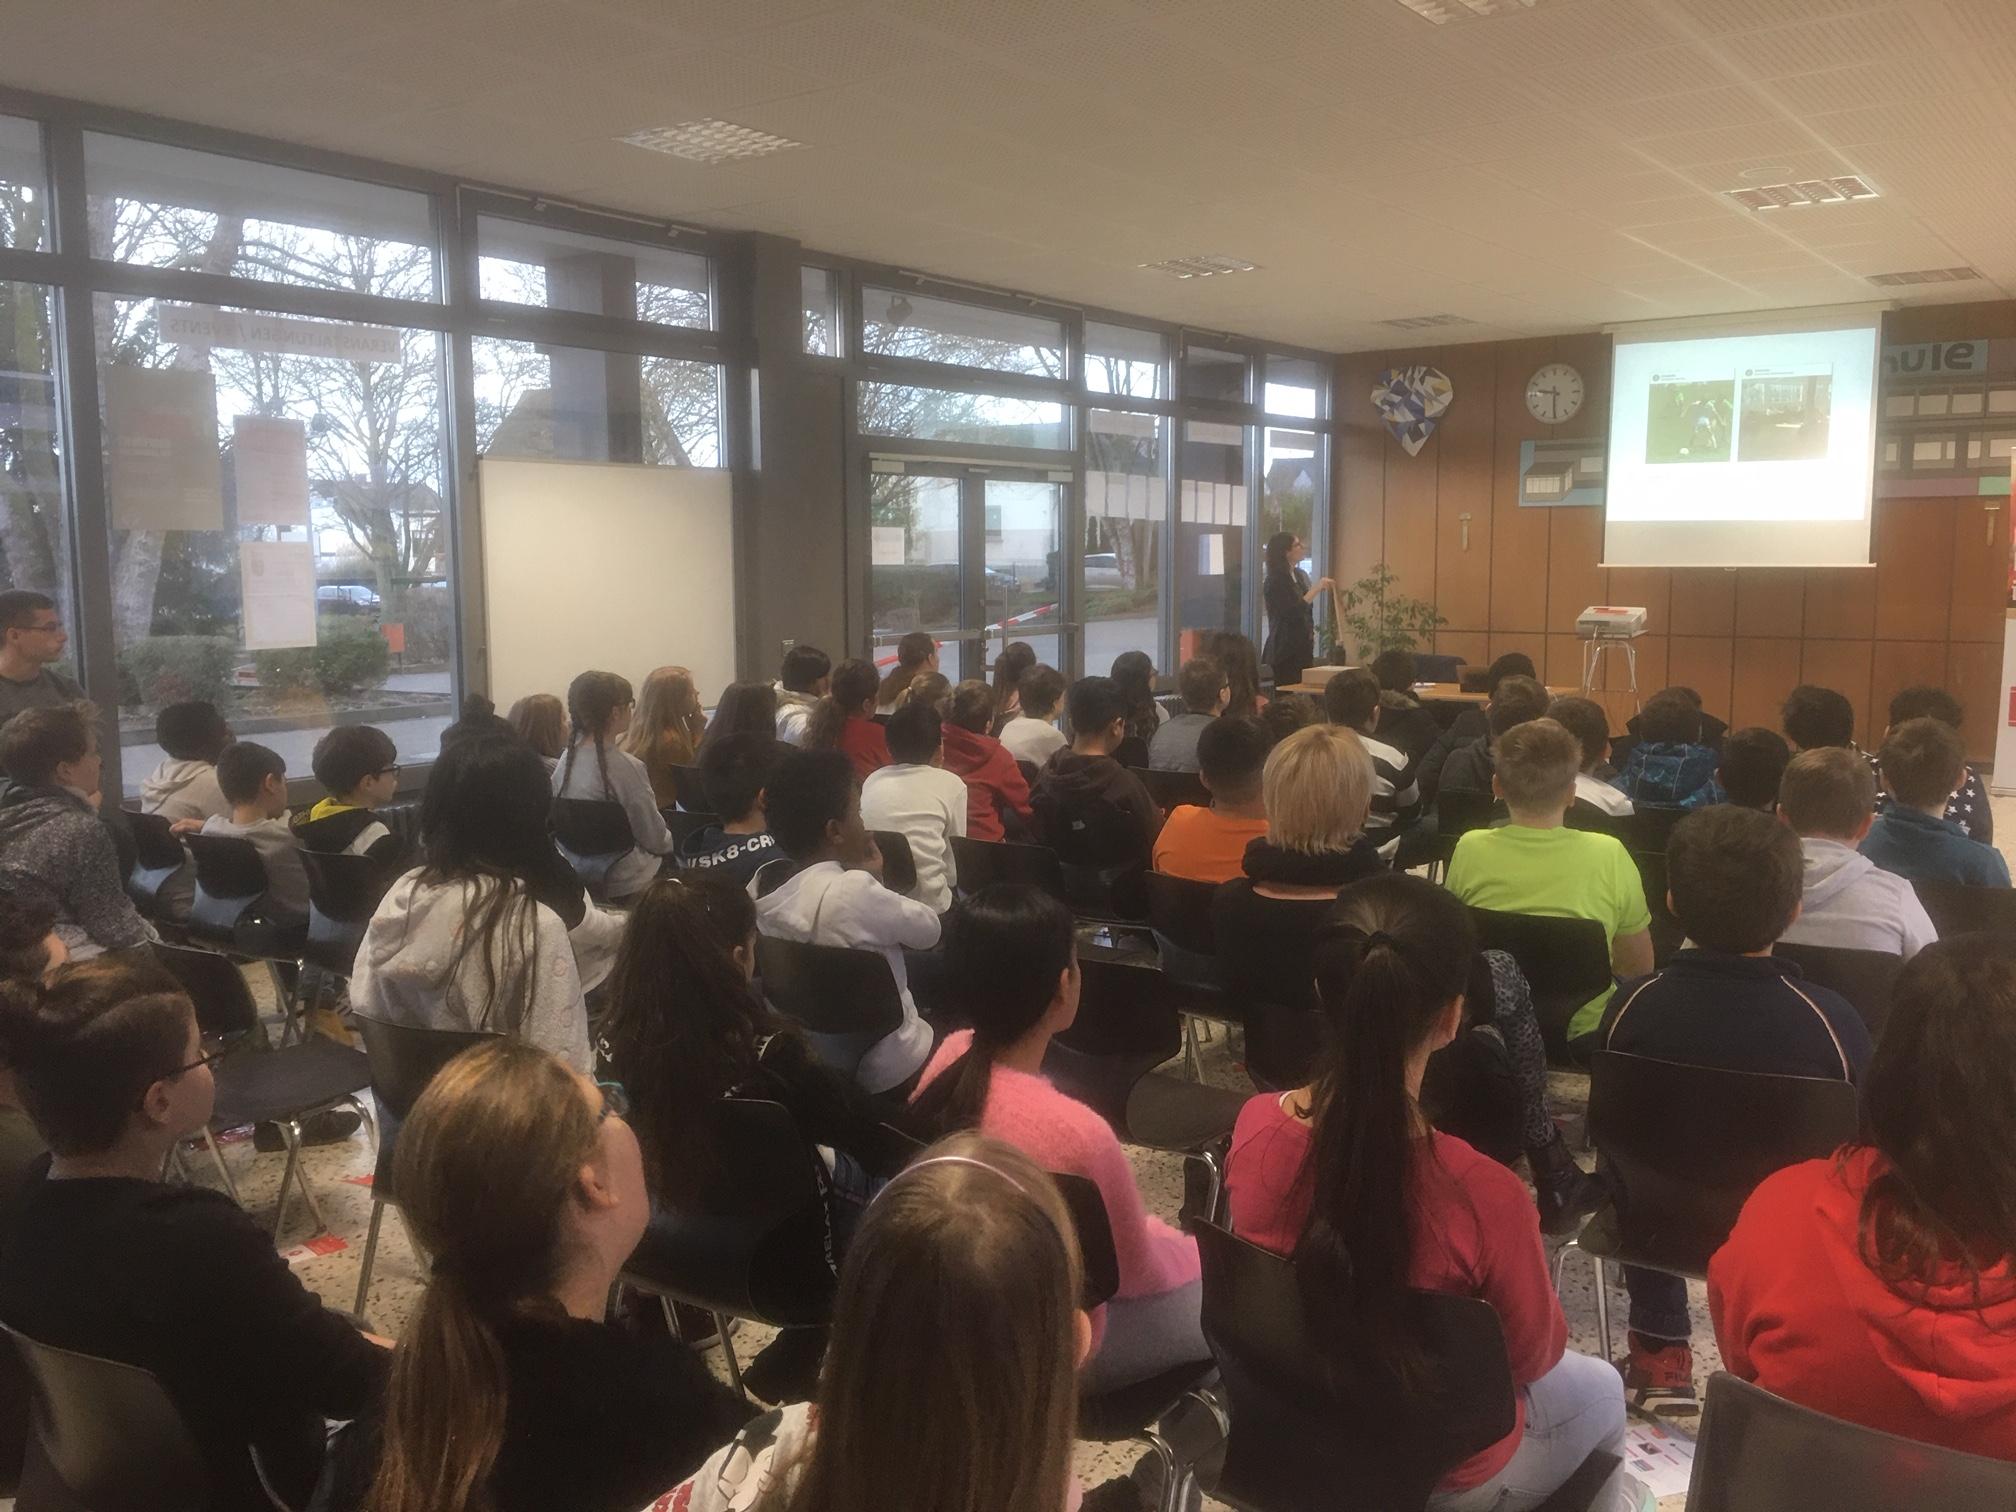 Medienkompetenz auf dem Stundenplan in der Robert-Krups-Schule